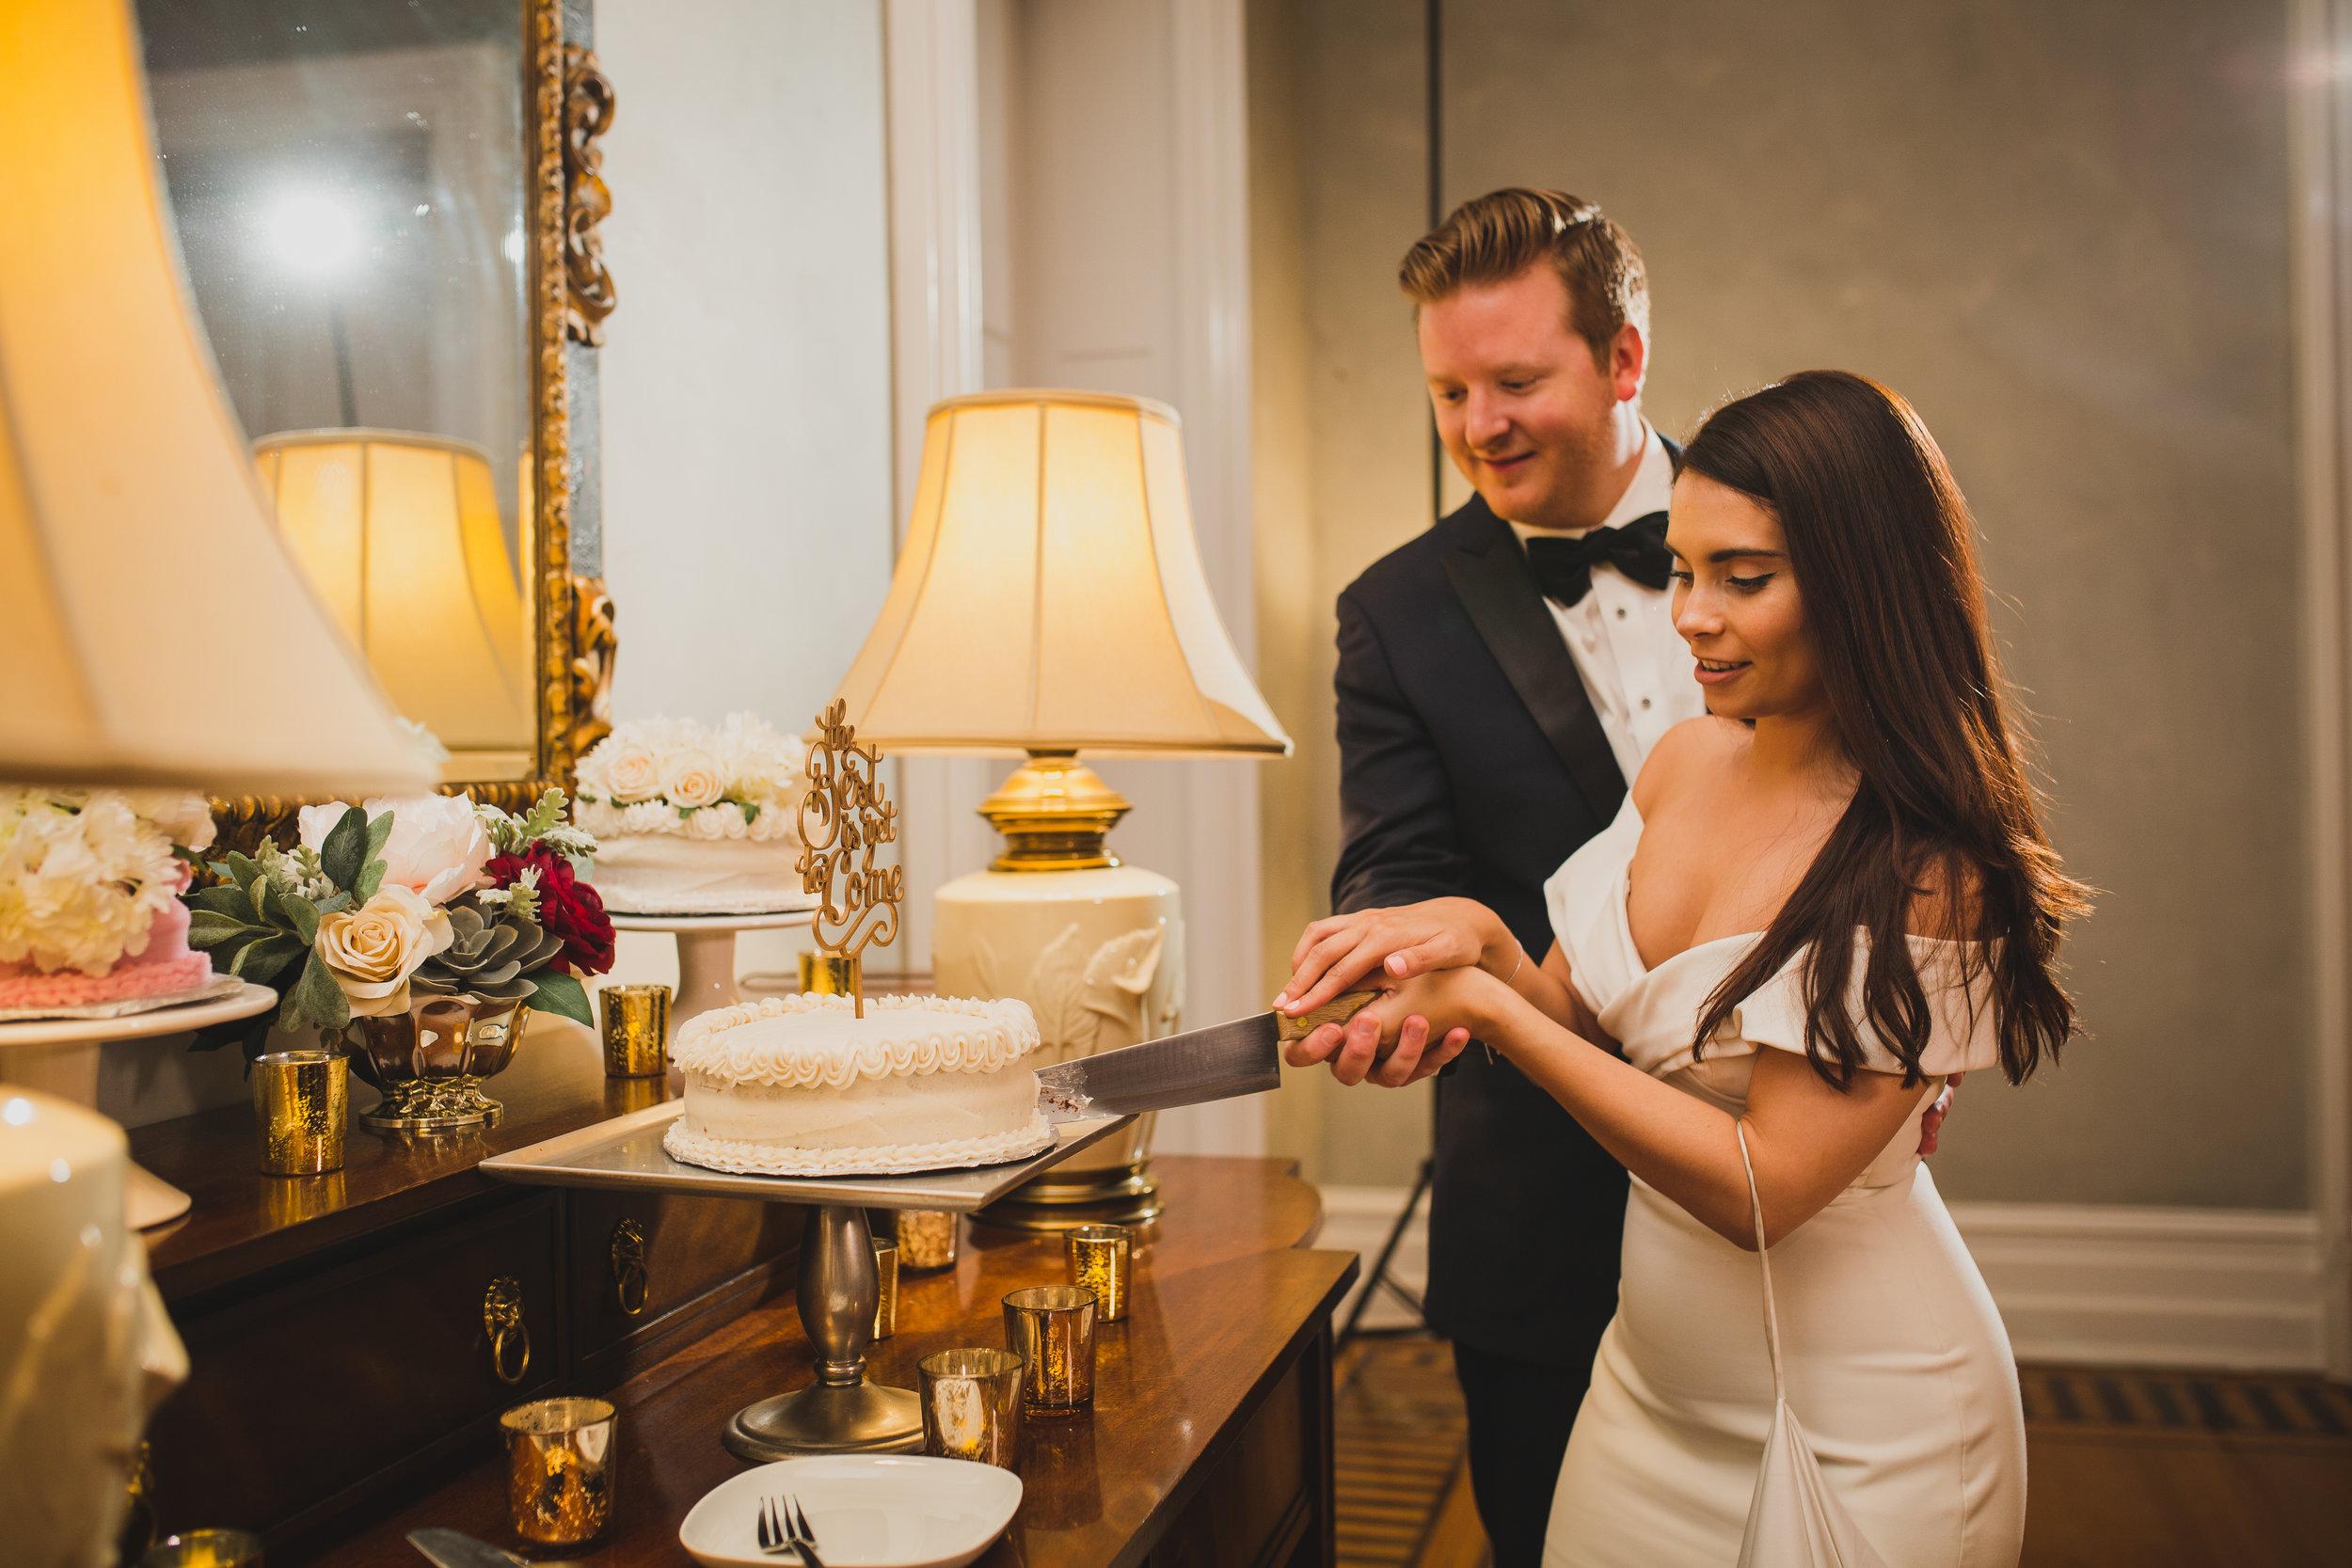 Weddings by Hanel -7.21.18 Samantha  CJ Villa Nuits Wedding-822.jpg